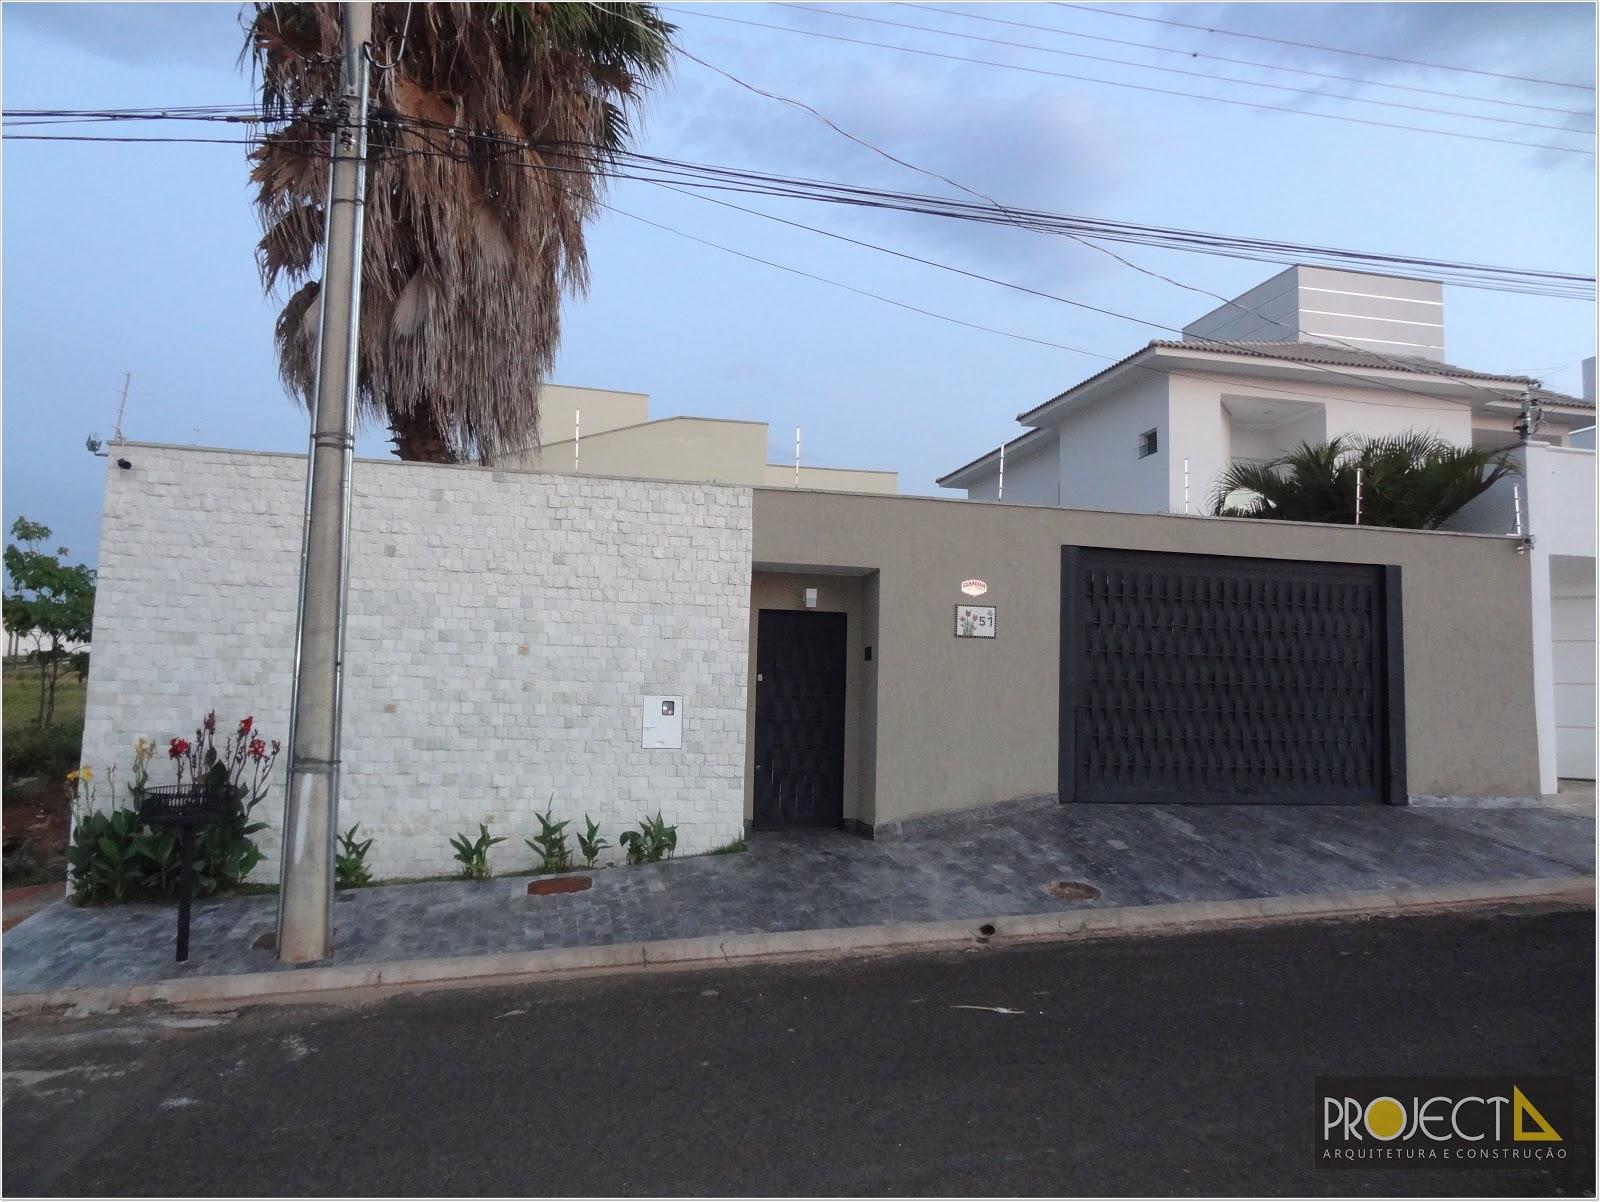 Projecta Arquitetura e Construção: Reforma Residêncial no City  #305D9B 1600x1202 Banheiro Arquitetura E Construção